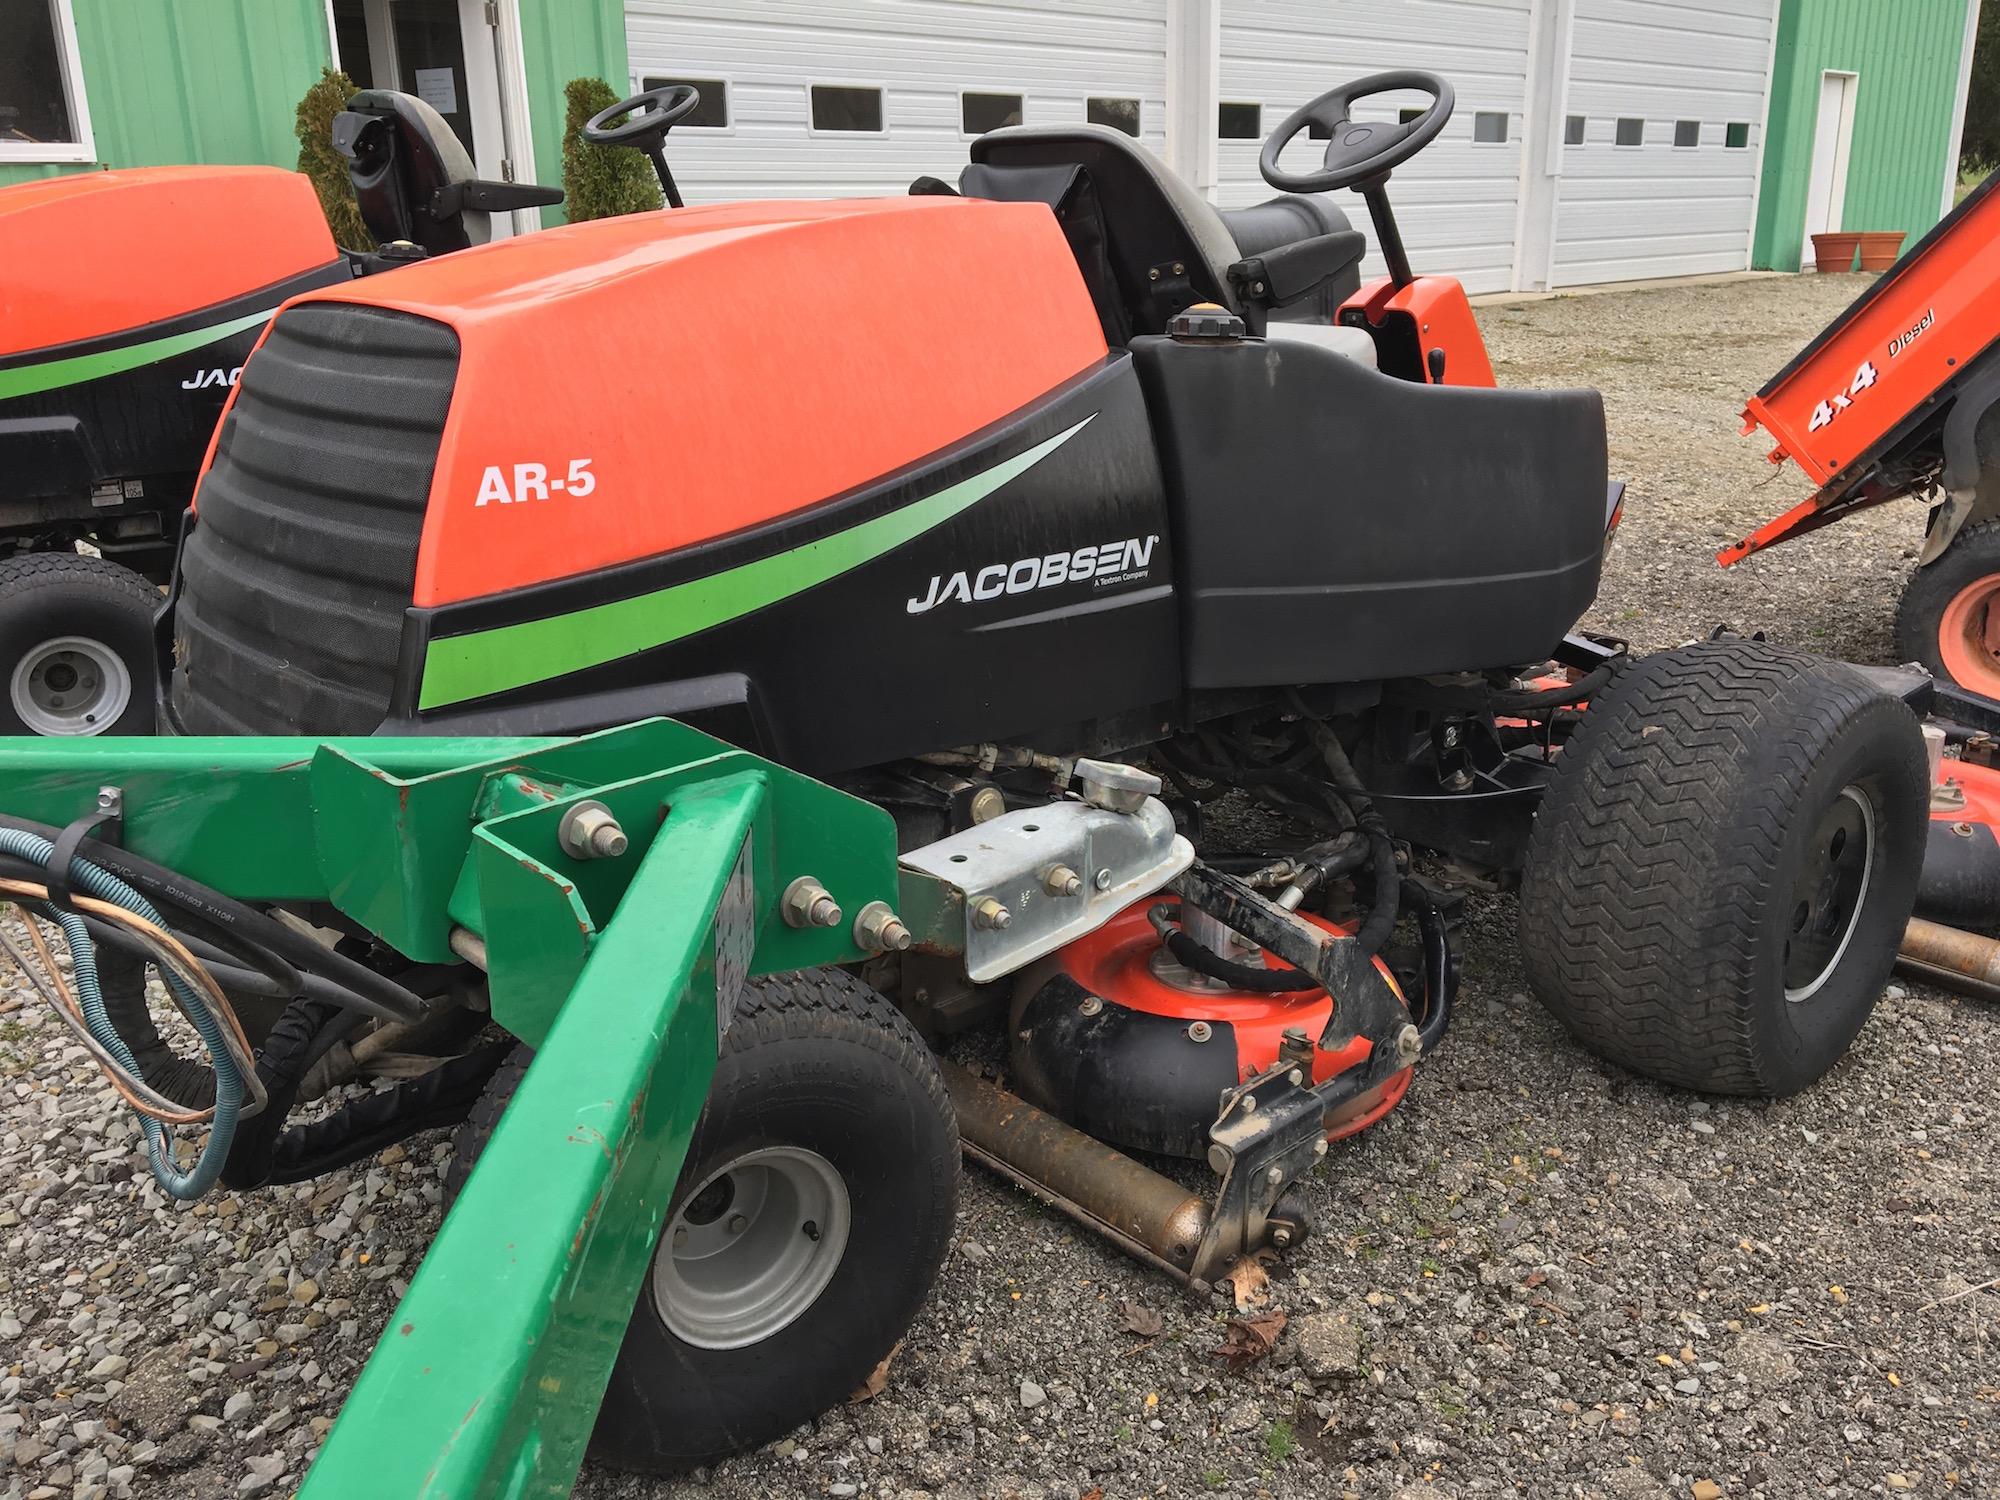 Jacobsen-AR5-WideAreaMower_2005_05